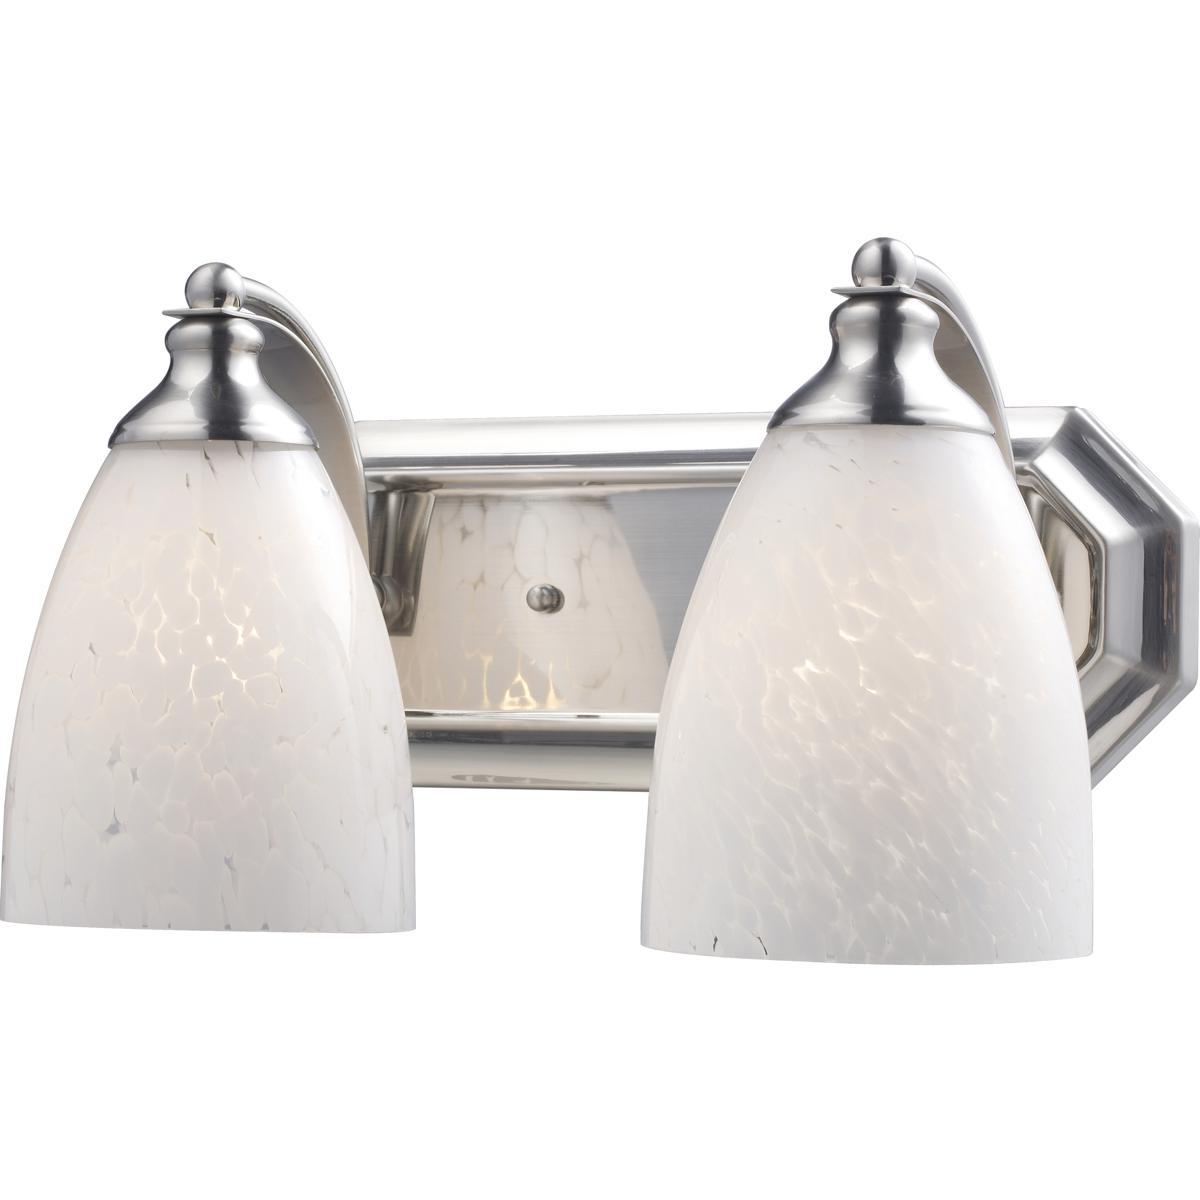 Satin Nickel Ceiling Lights Bathroom Vanity Chandelier: ELK Lighting 570-2N-SW Bath And Spa Bathroom Vanity Light